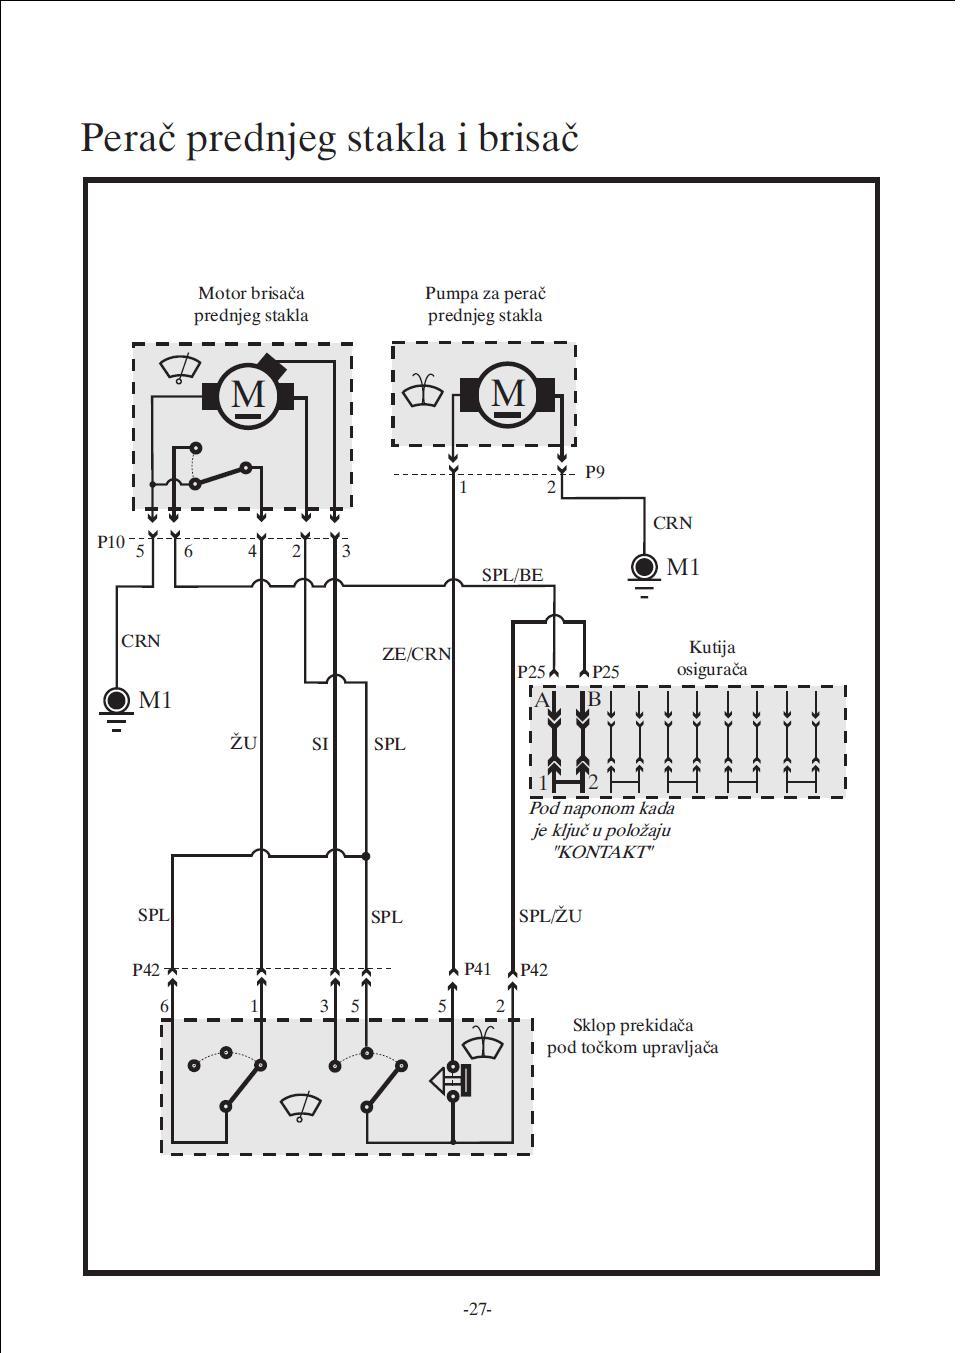 Tajmer za motor brisaca Brisaci